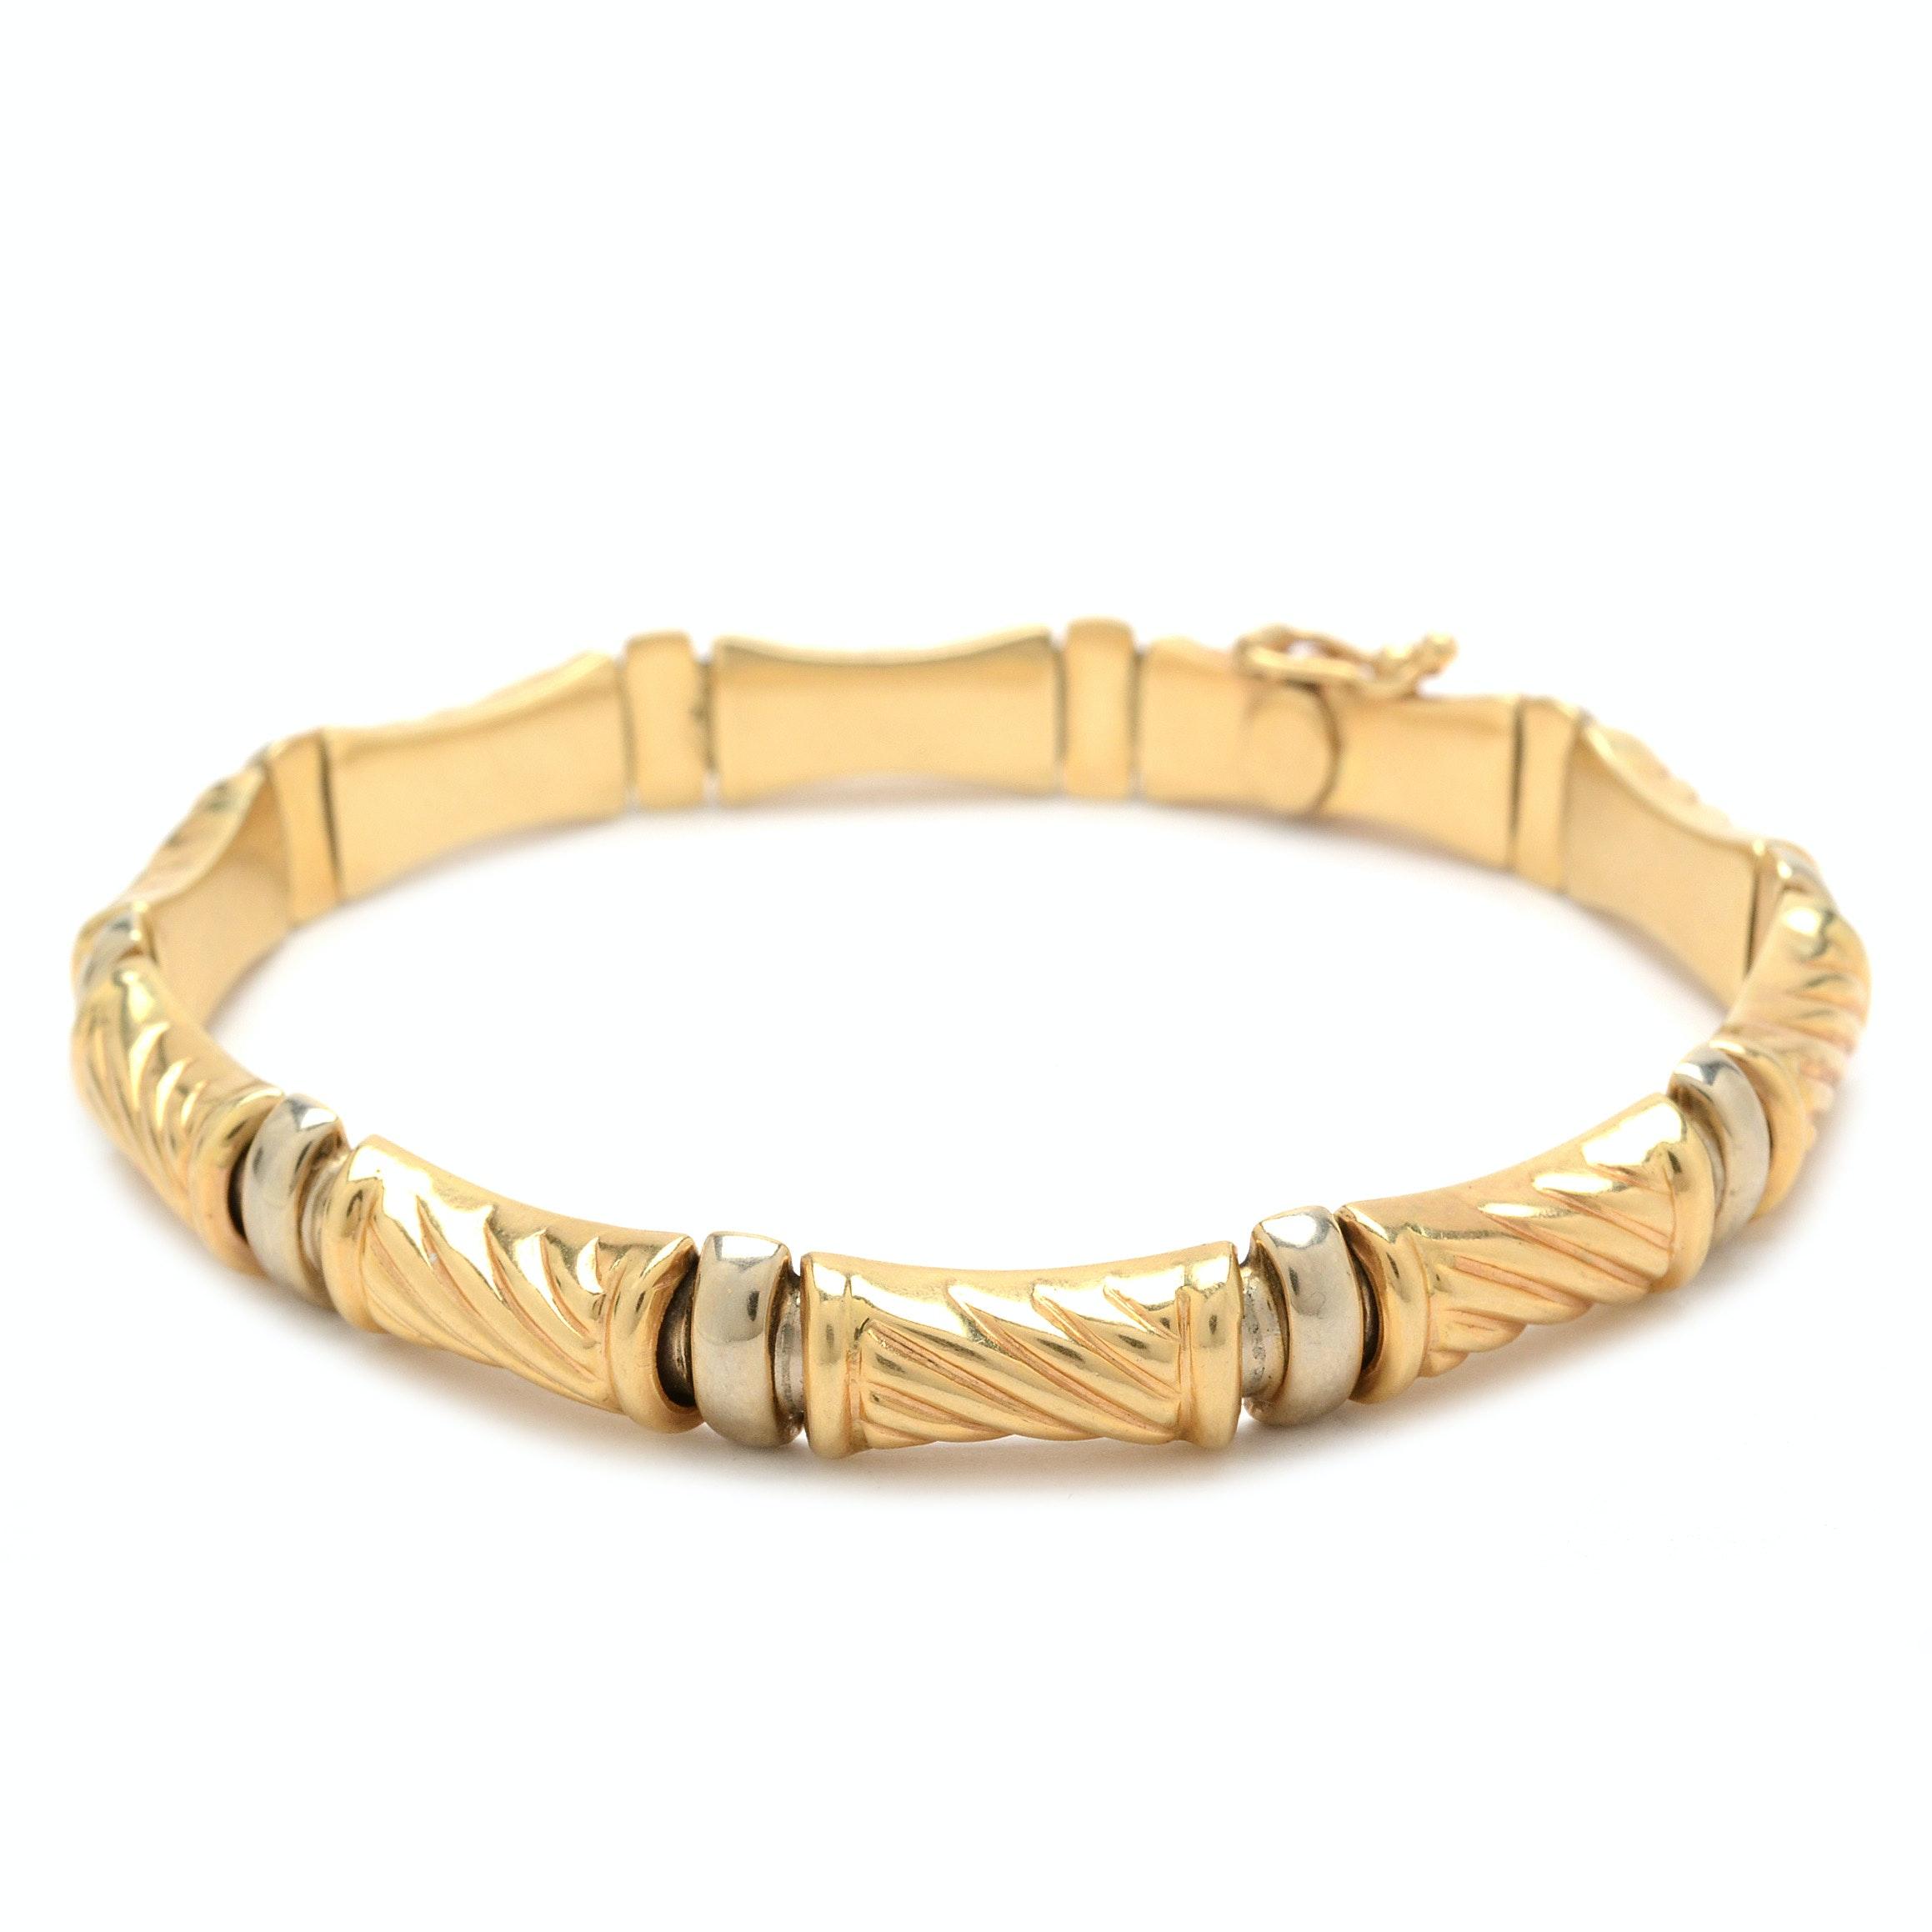 14K Two Tone Gold Link Bracelet